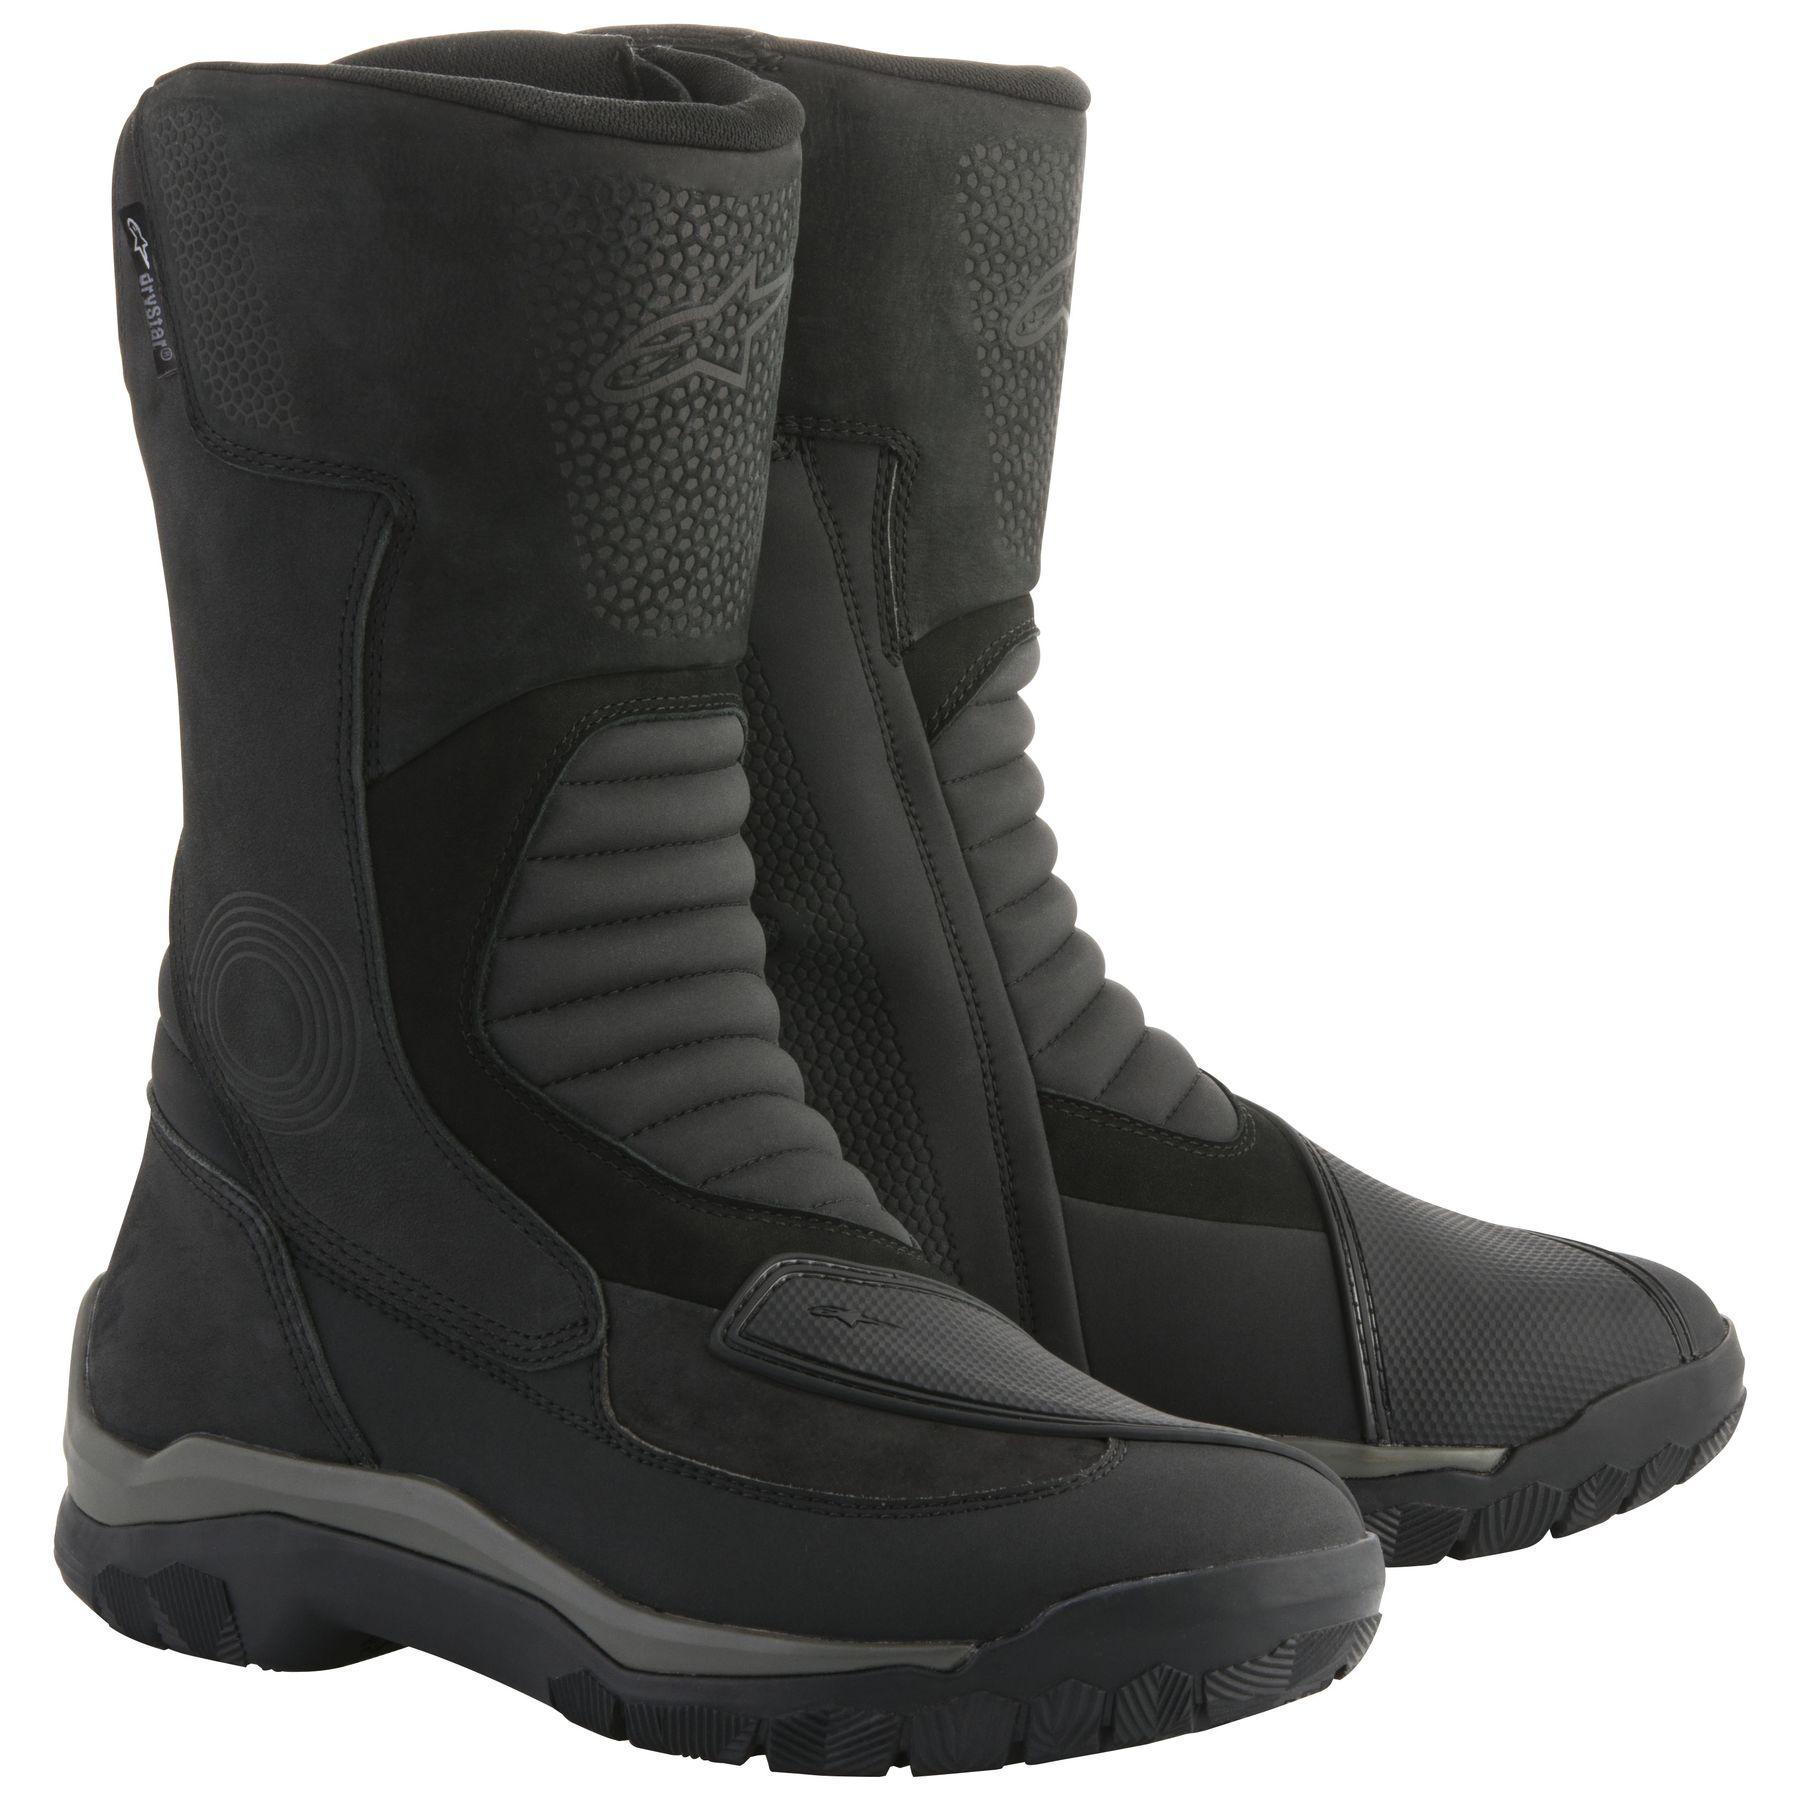 Topánky CAMPECHE DRYSTAR, ALPINESTARS (čierne)